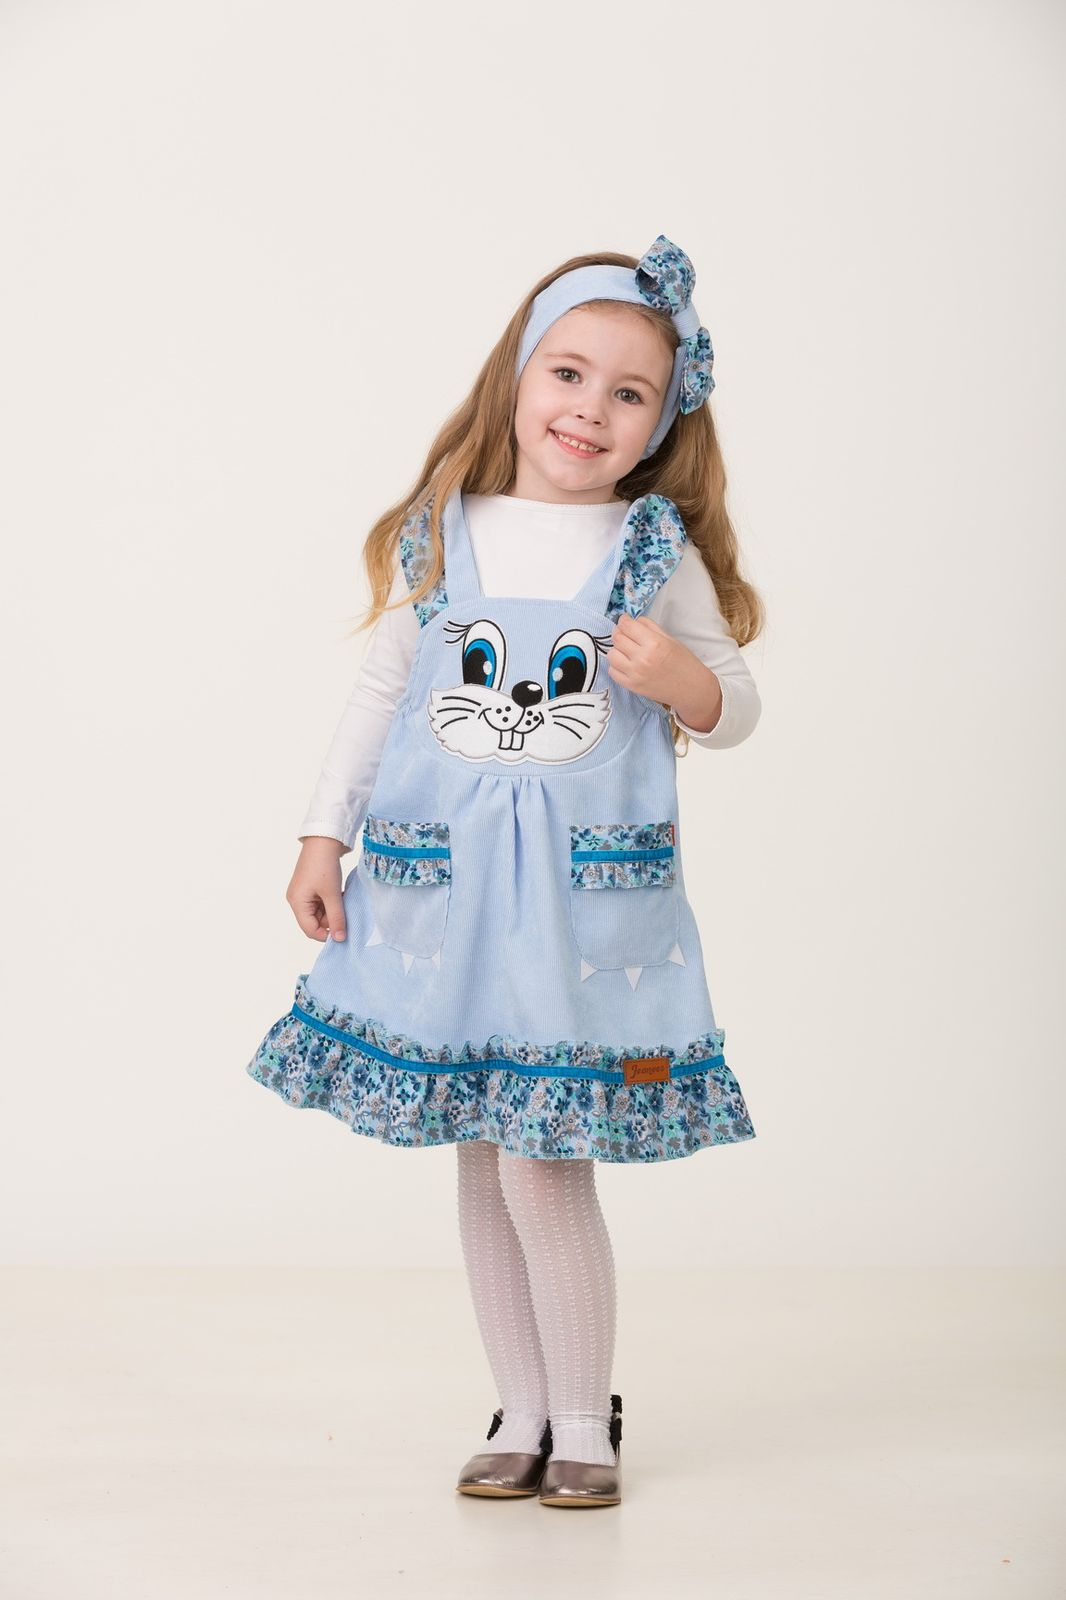 Карнавальный костюм Jeanees Зайка Капризка, цвет: голубой. Размер: 24 карнавальный костюм jeanees зайчонок хвастунишка цвет голубой размер 24